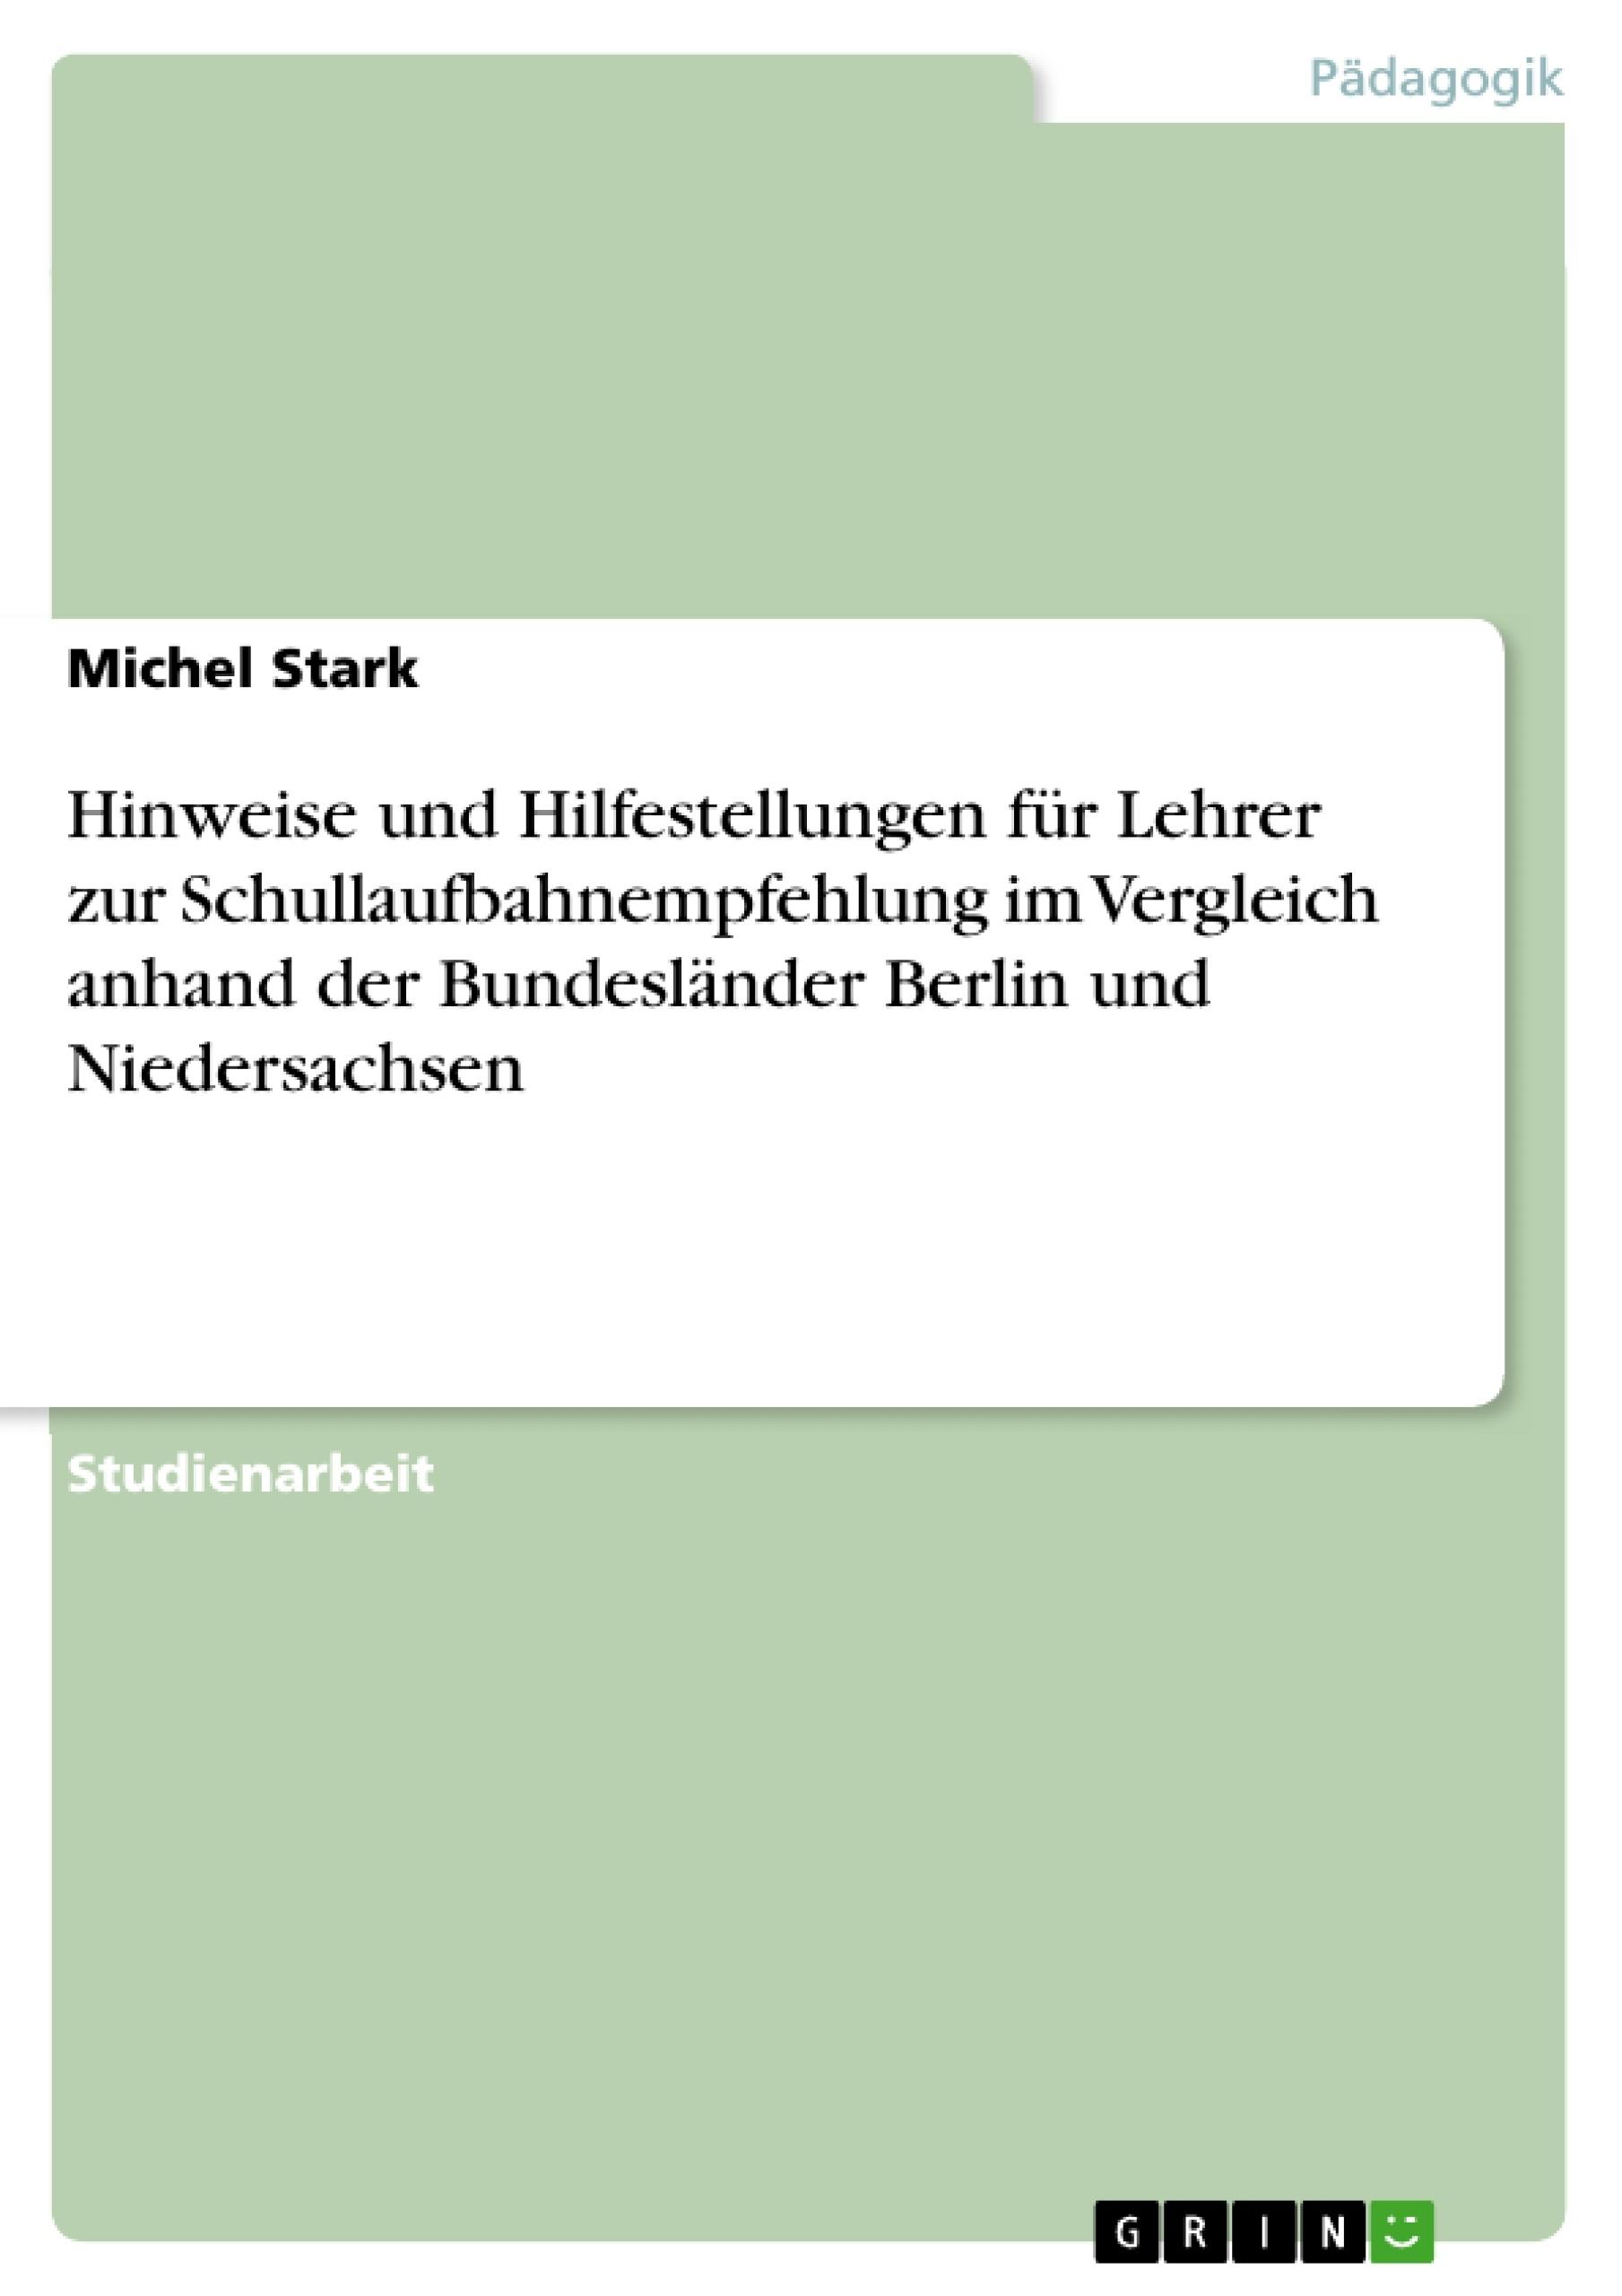 Titel: Hinweise und Hilfestellungen für Lehrer zur Schullaufbahnempfehlung im Vergleich anhand der Bundesländer Berlin und Niedersachsen